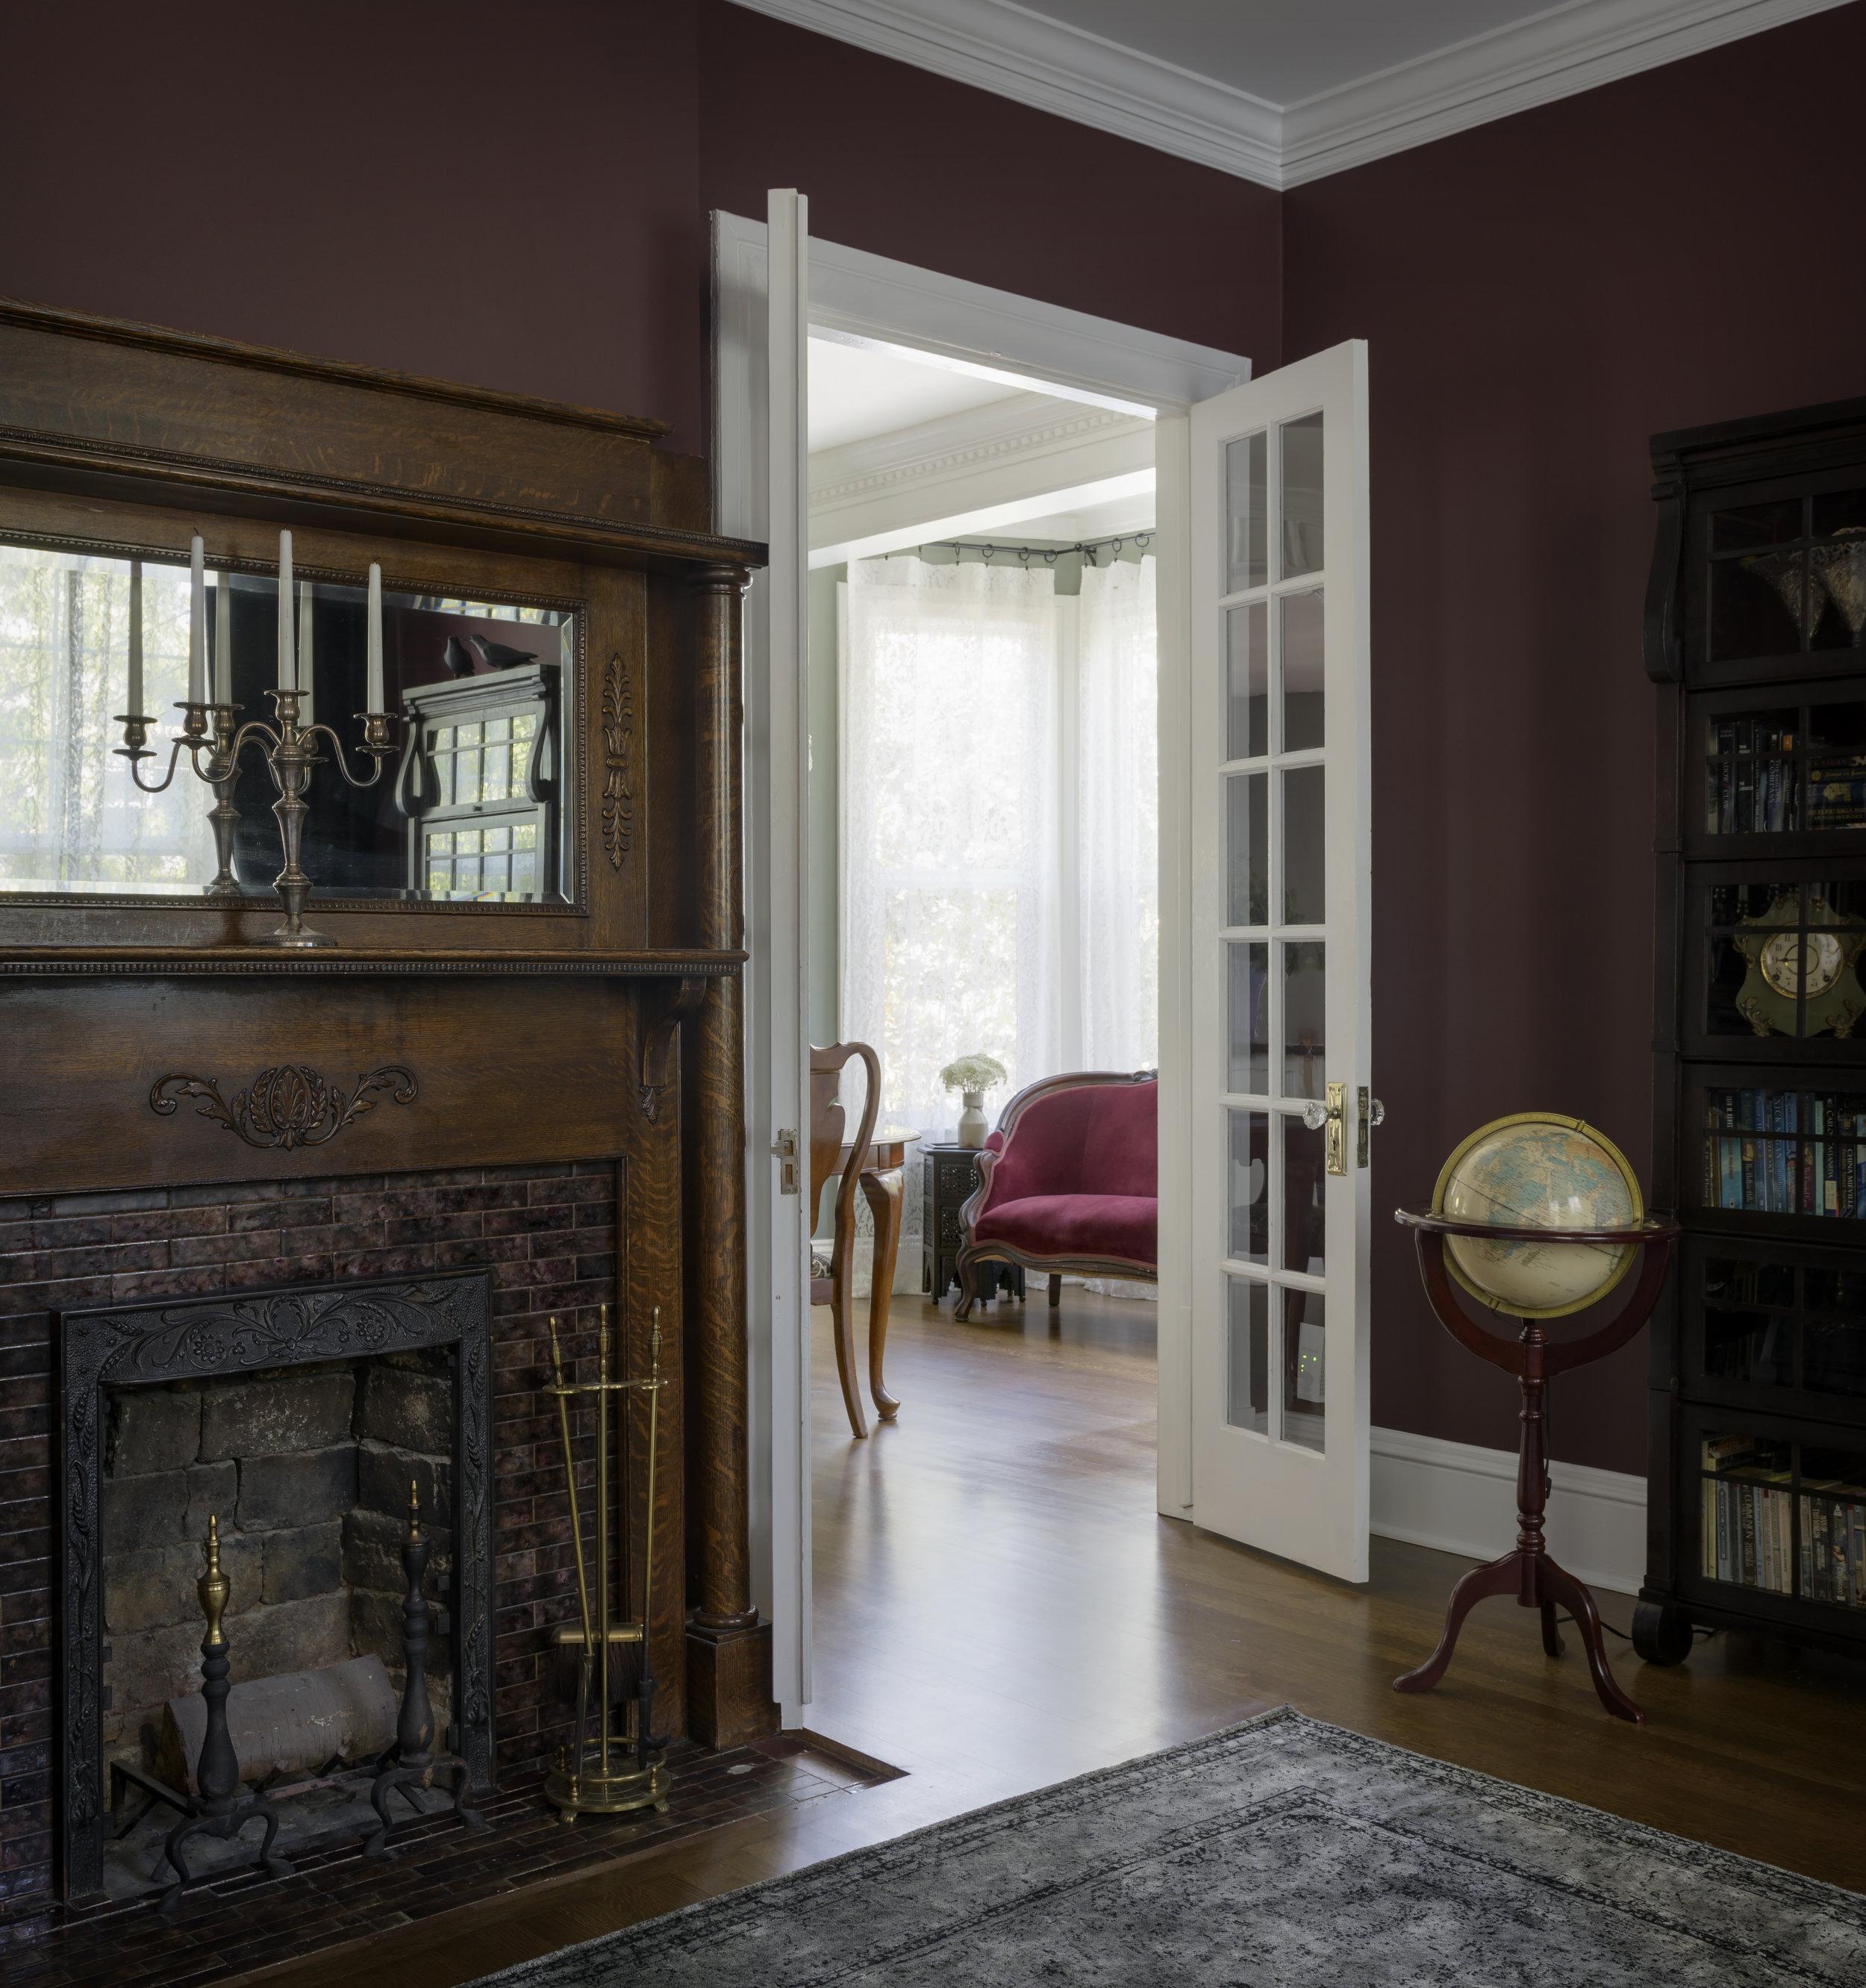 michelle-dirkse-historic-residence-9.jpg